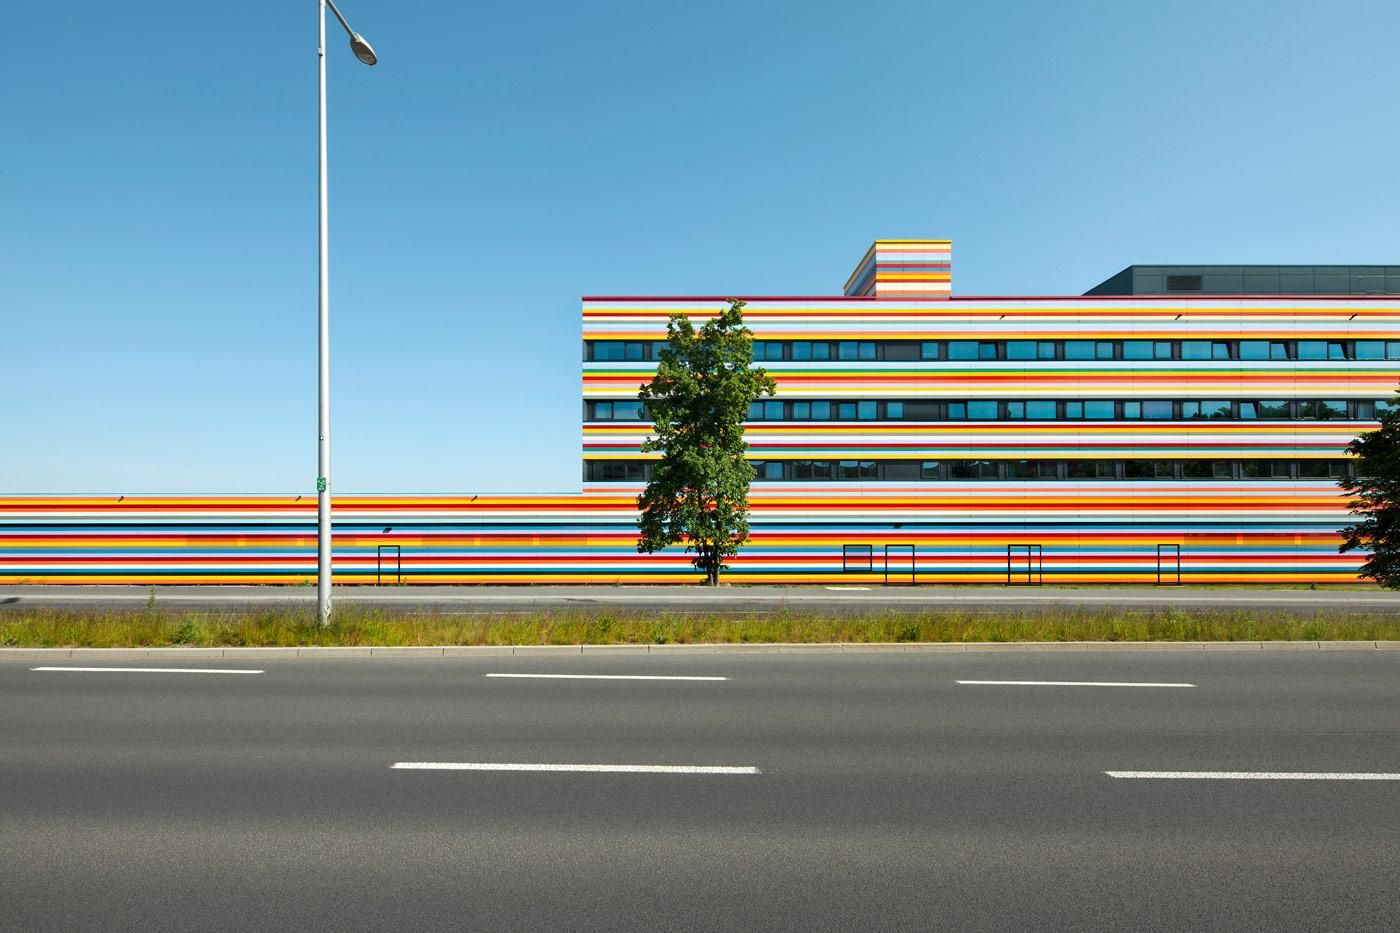 Courtesy of Petersen Architekten.